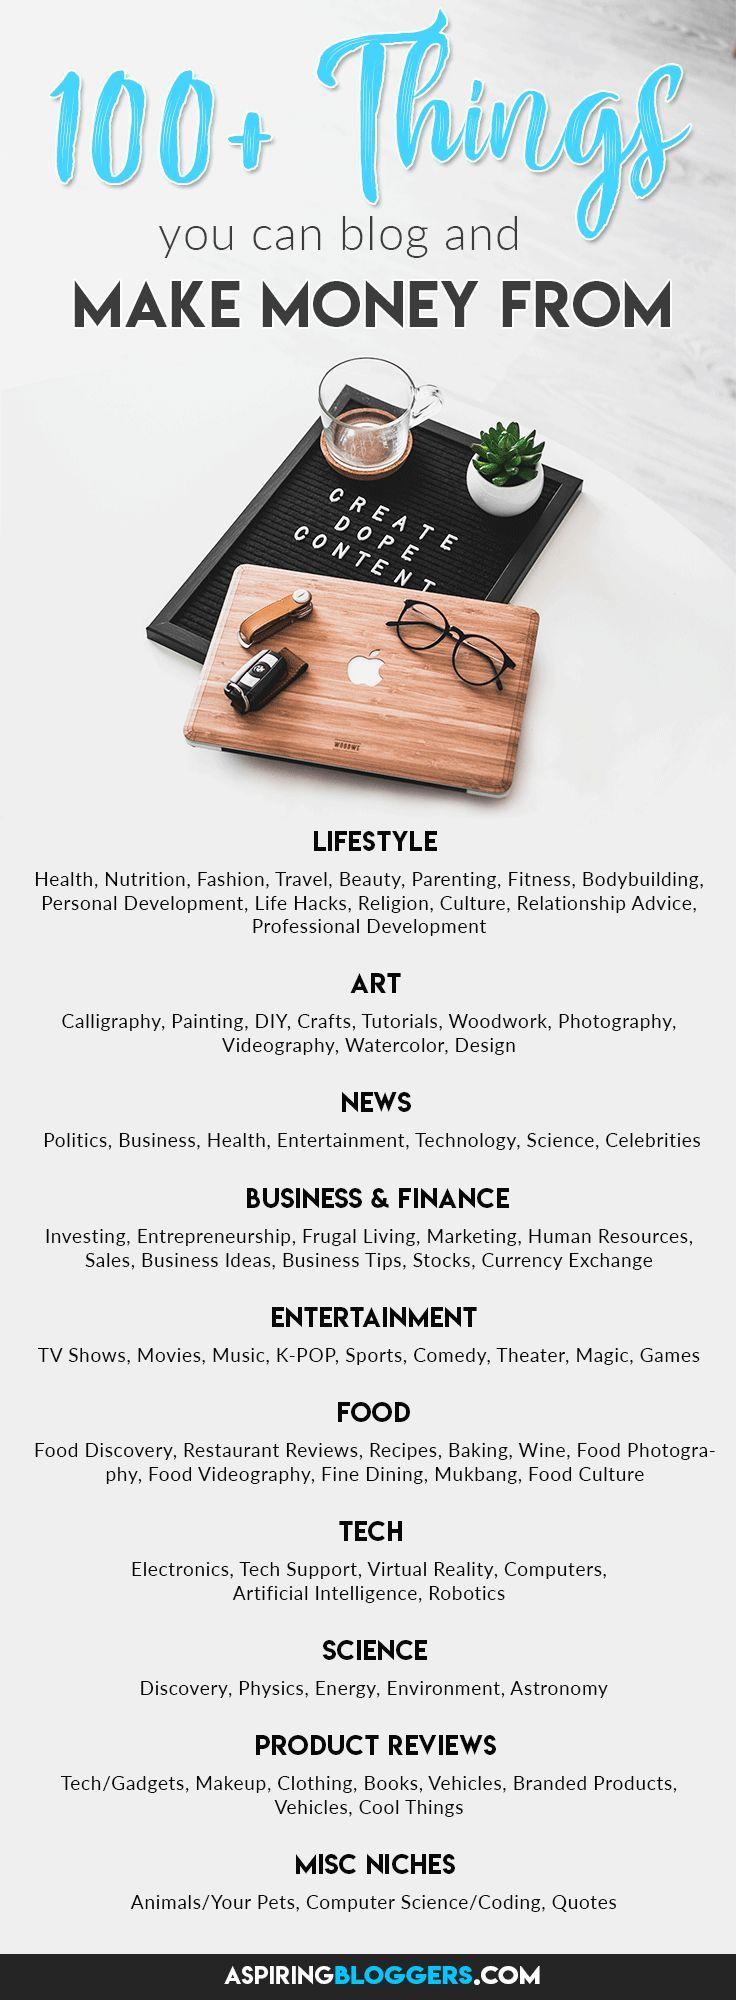 Über 100 Blog-Nischen und wie man damit Geld verdient   – Blog – #Blog #BlogNis… – Finde ein Hobby